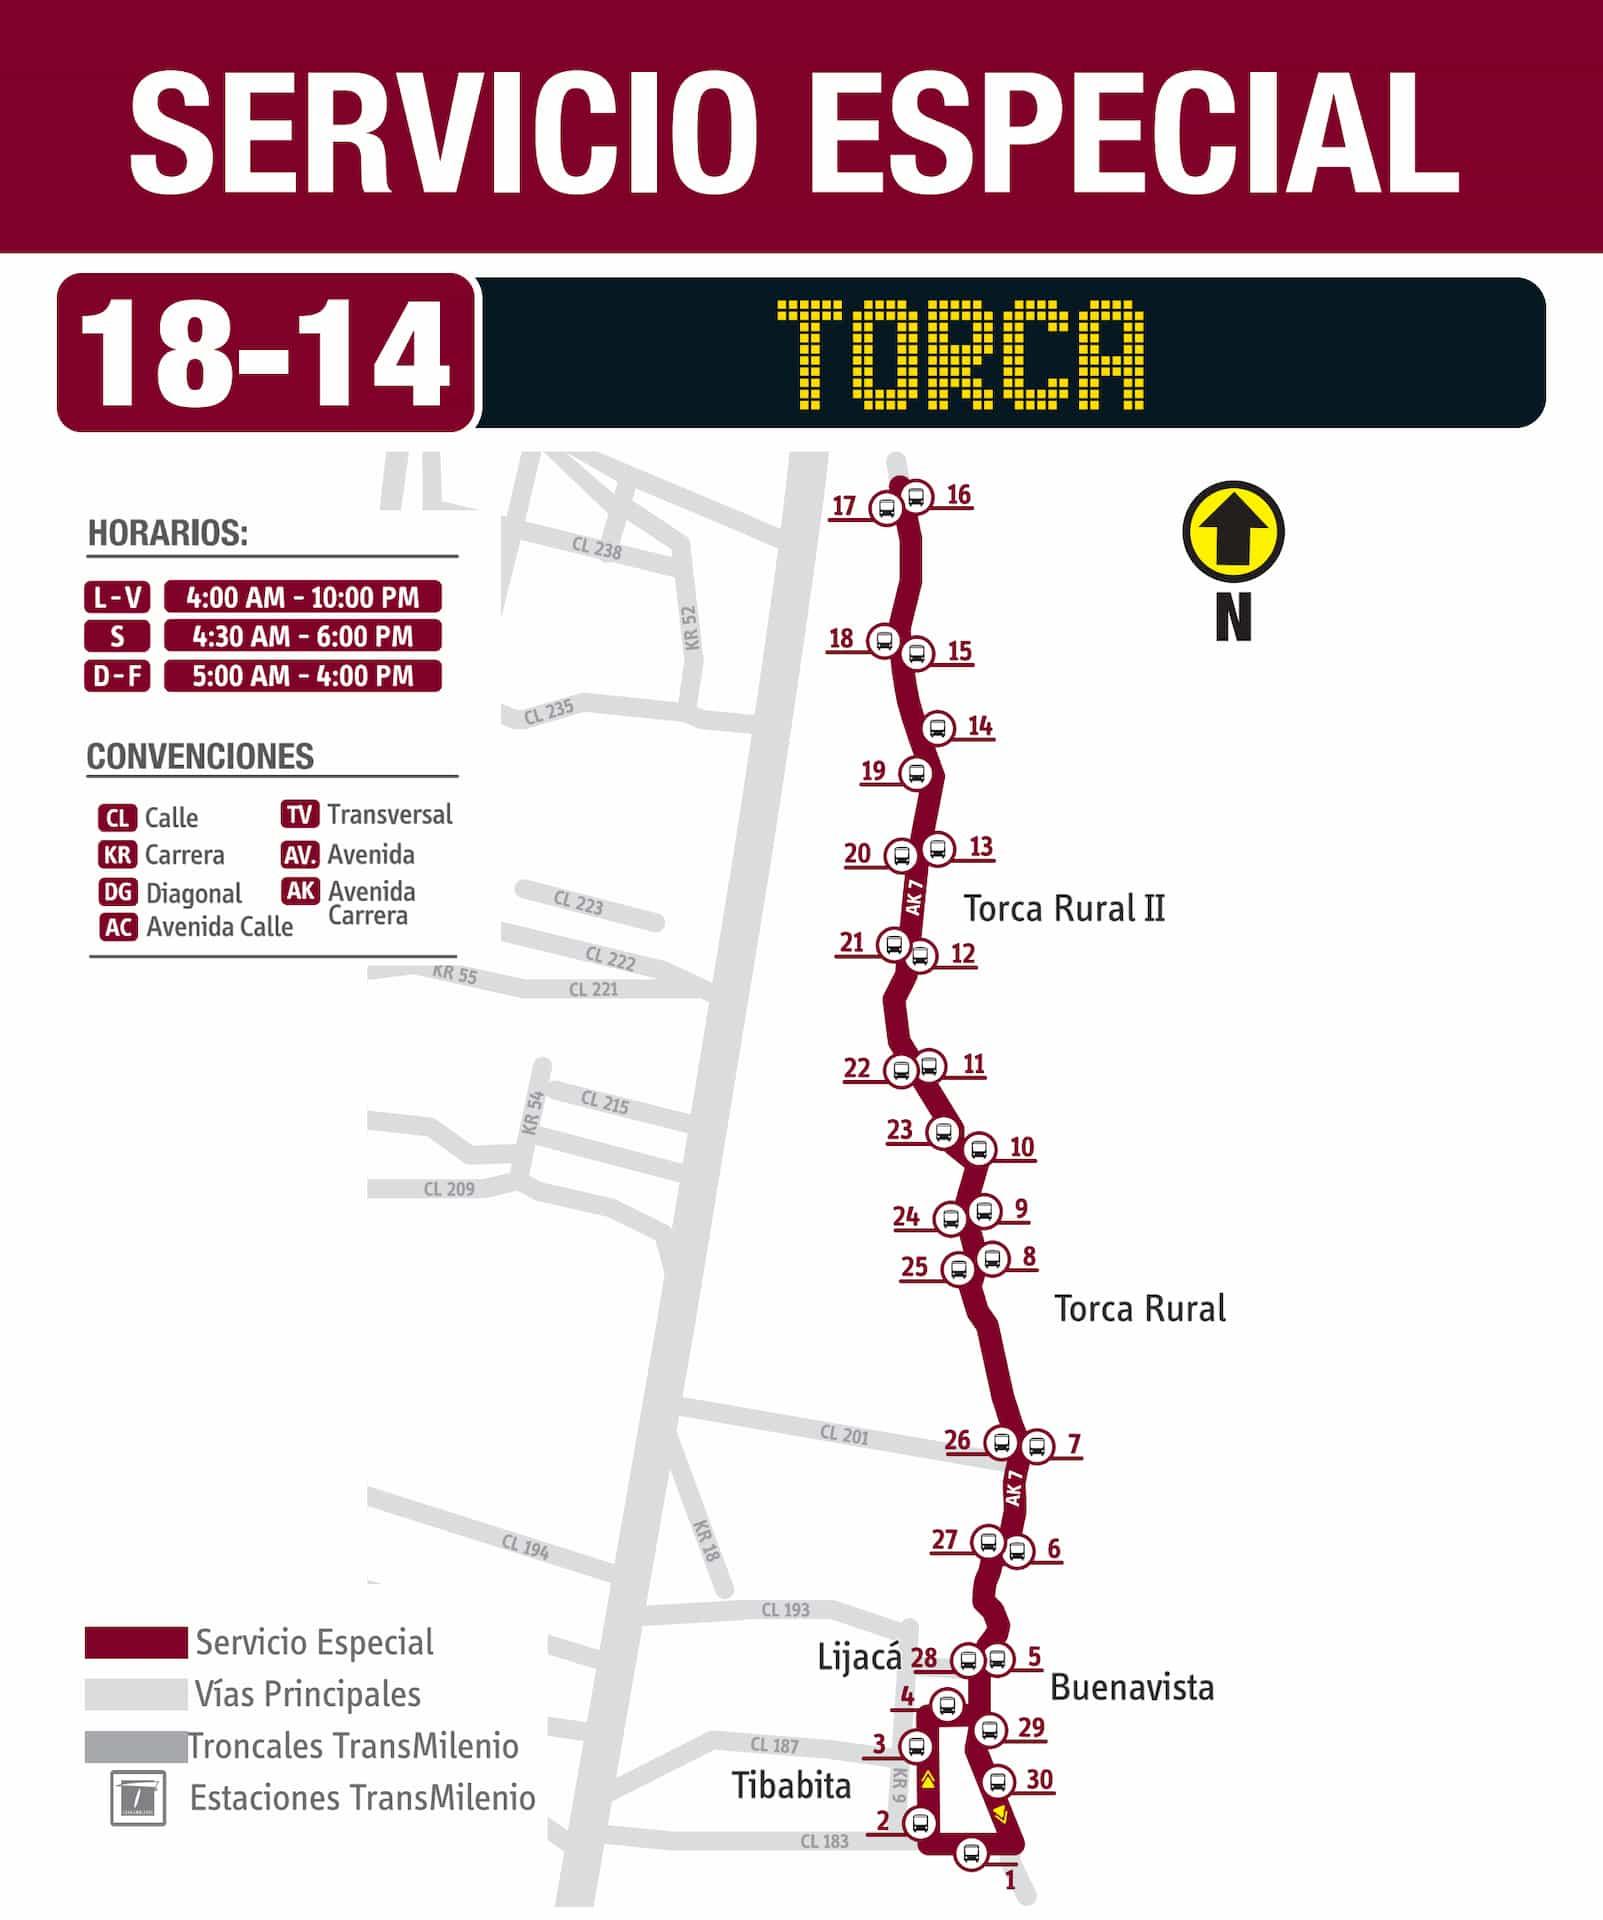 Mapa ruta 18-14 Torca, especial, SITP